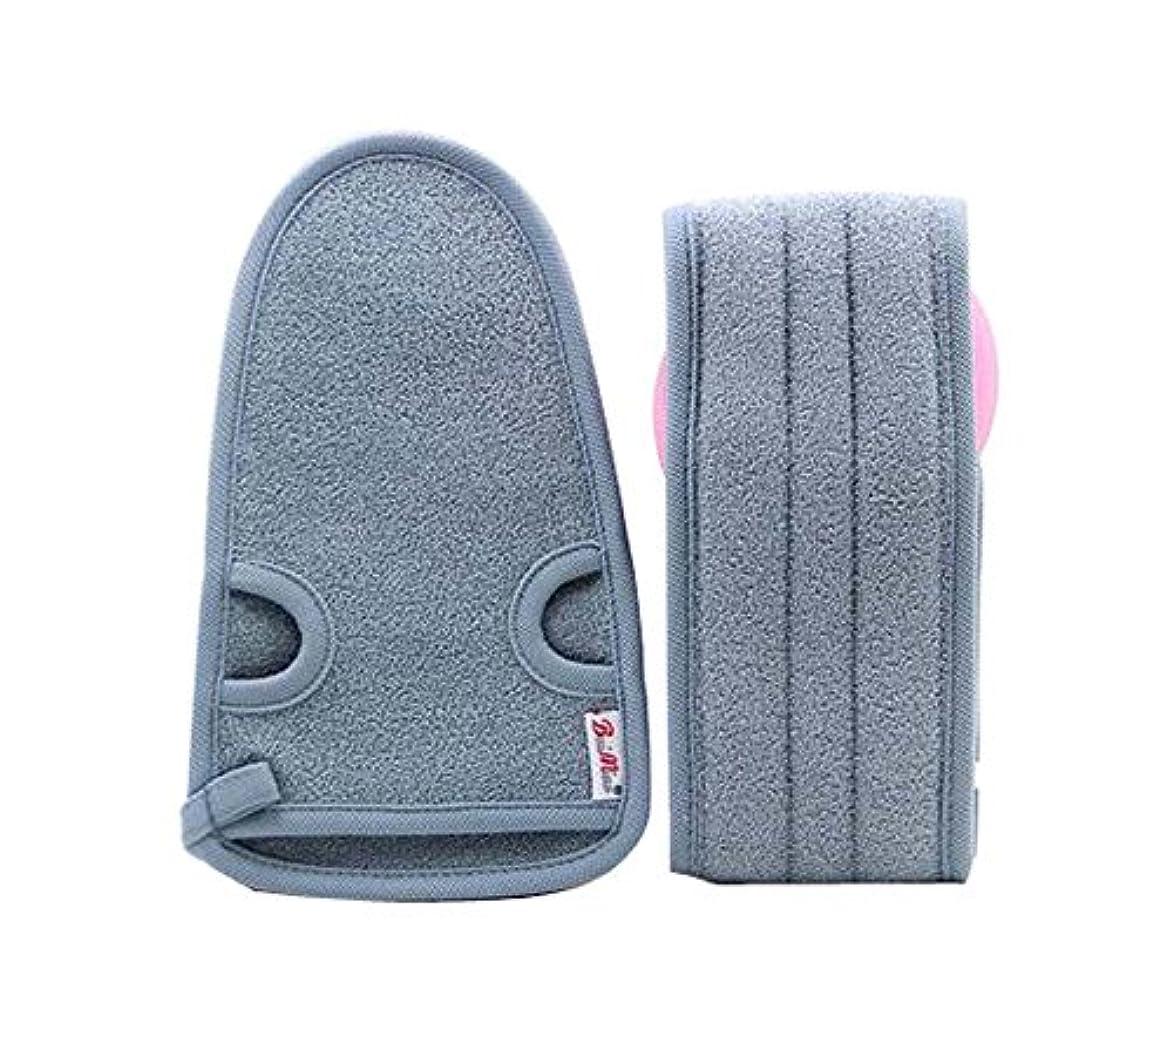 窒素絡まる上記の頭と肩男性のための実用的な柔らかい浴室の手袋の角質除去、2つの灰色